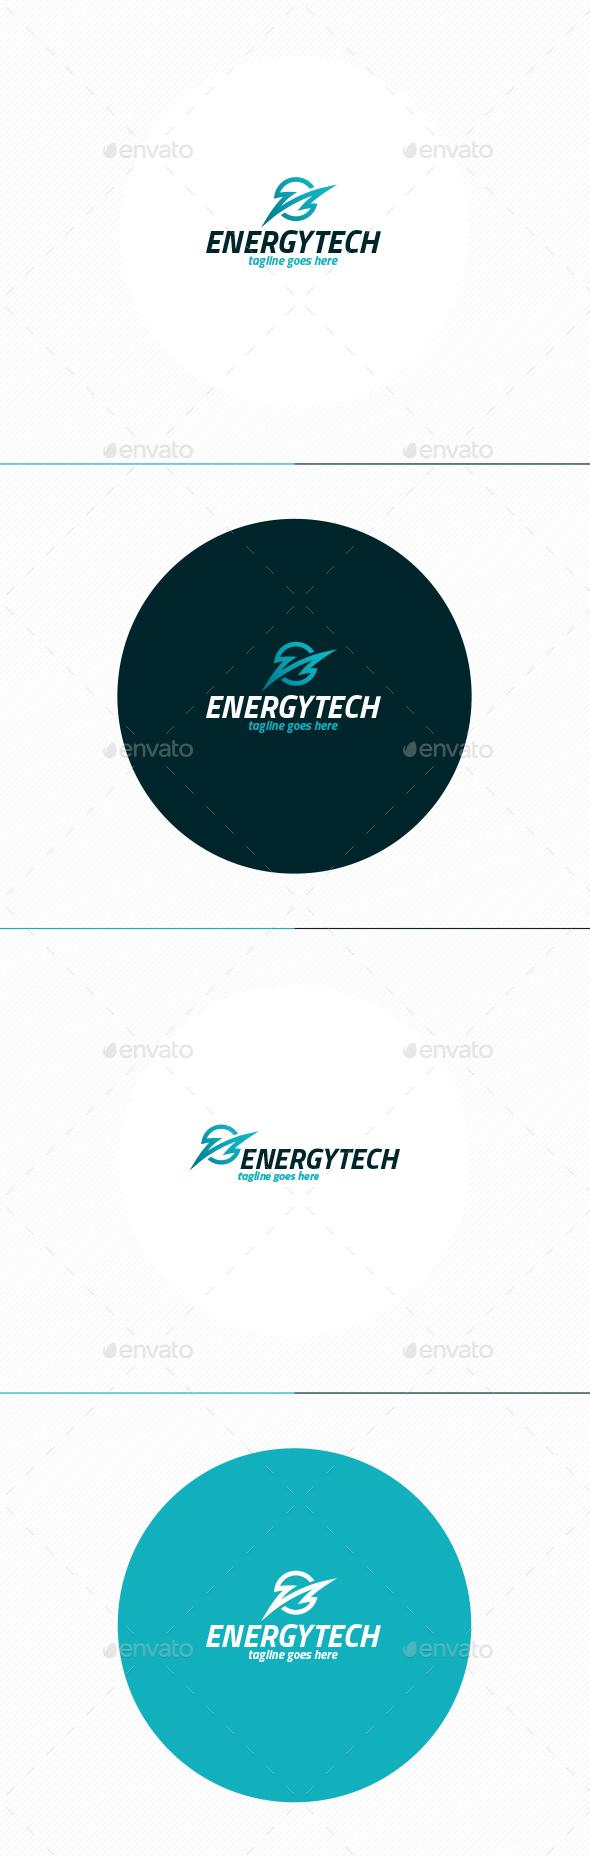 Energy Tech Logo - Vector Abstract